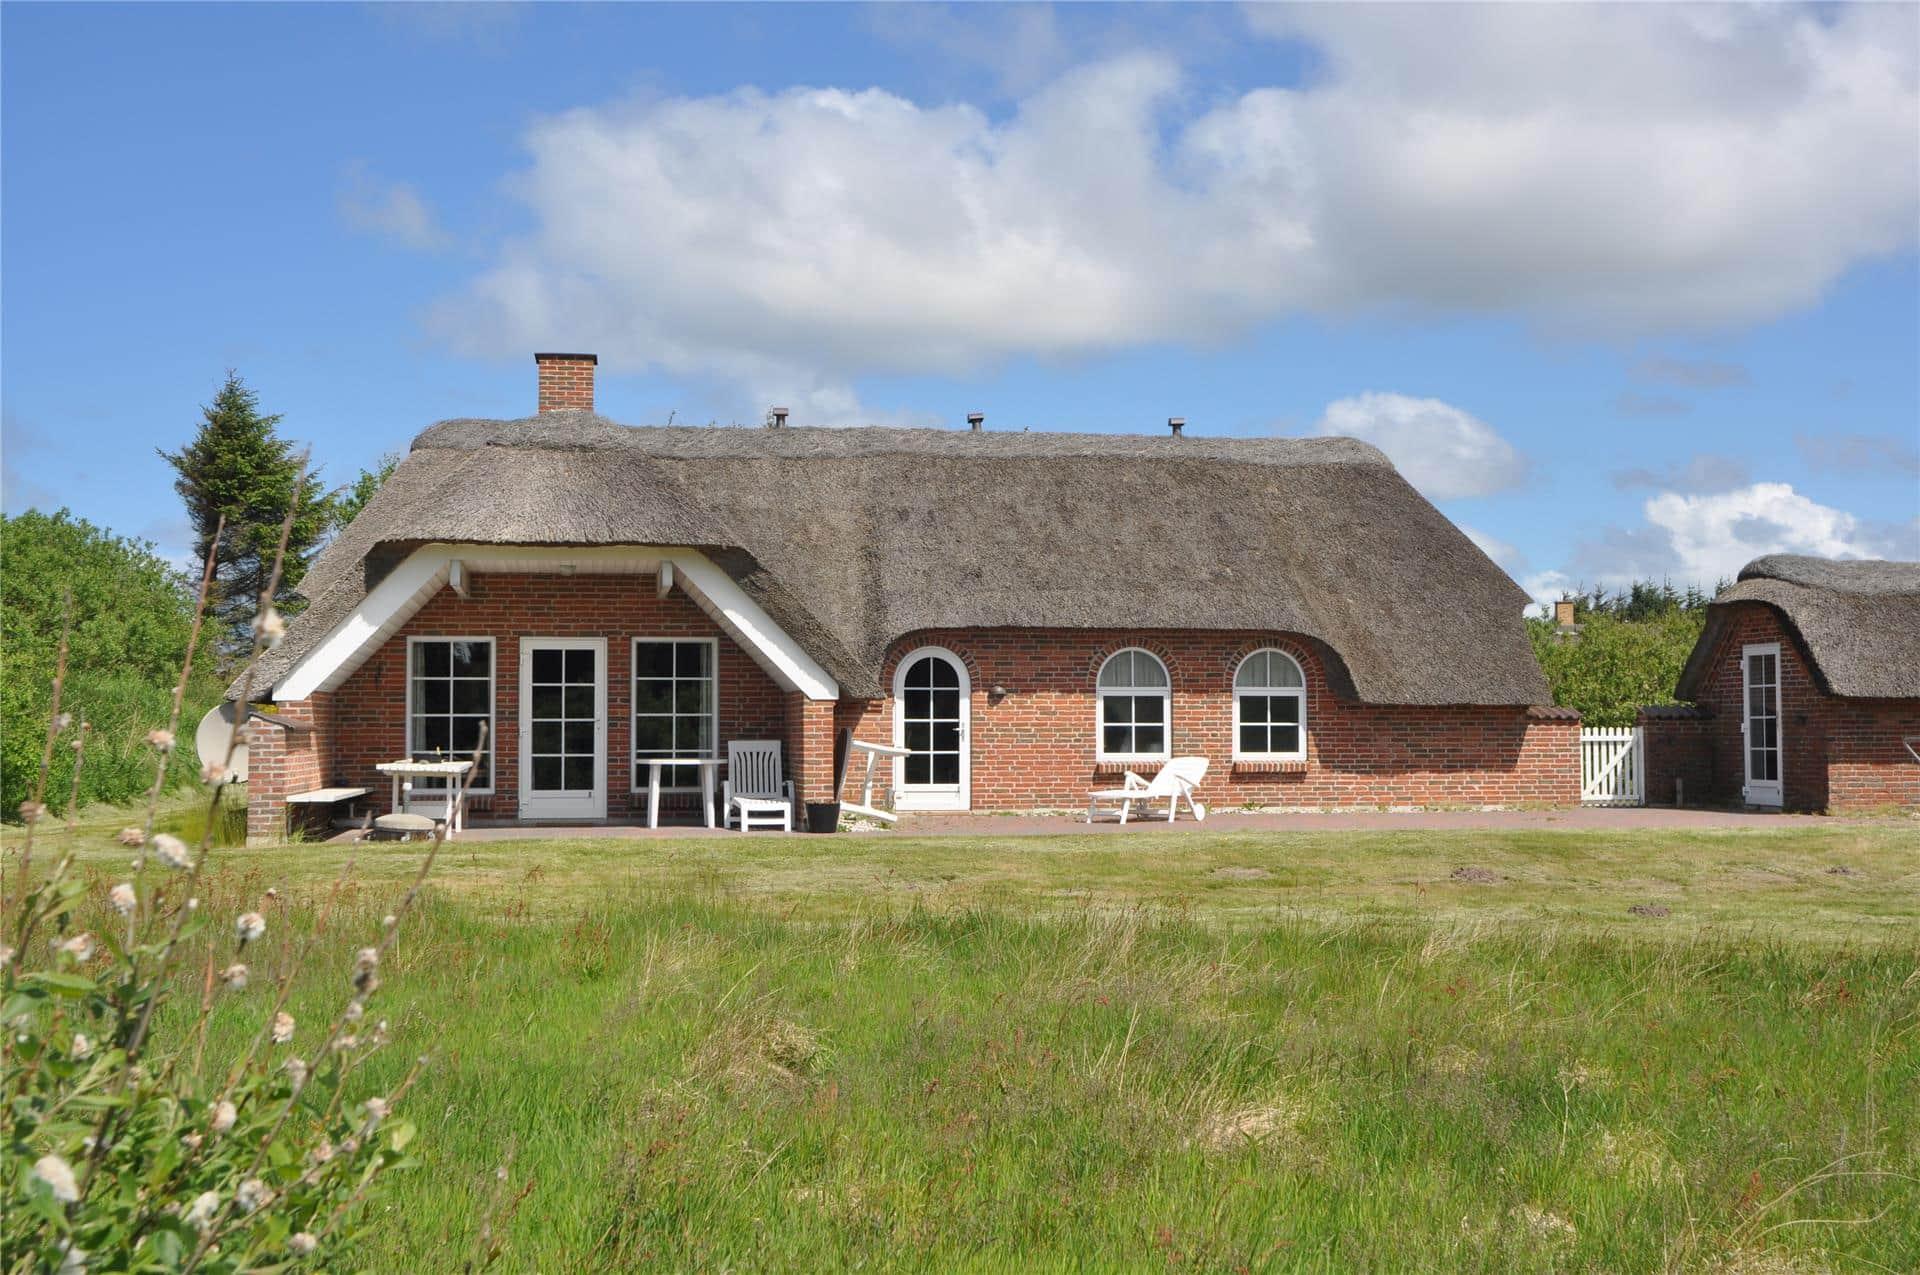 Afbeelding 1-175 Vakantiehuis 10715, Gaffelbjergvej 41, DK - 6990 Ulfborg